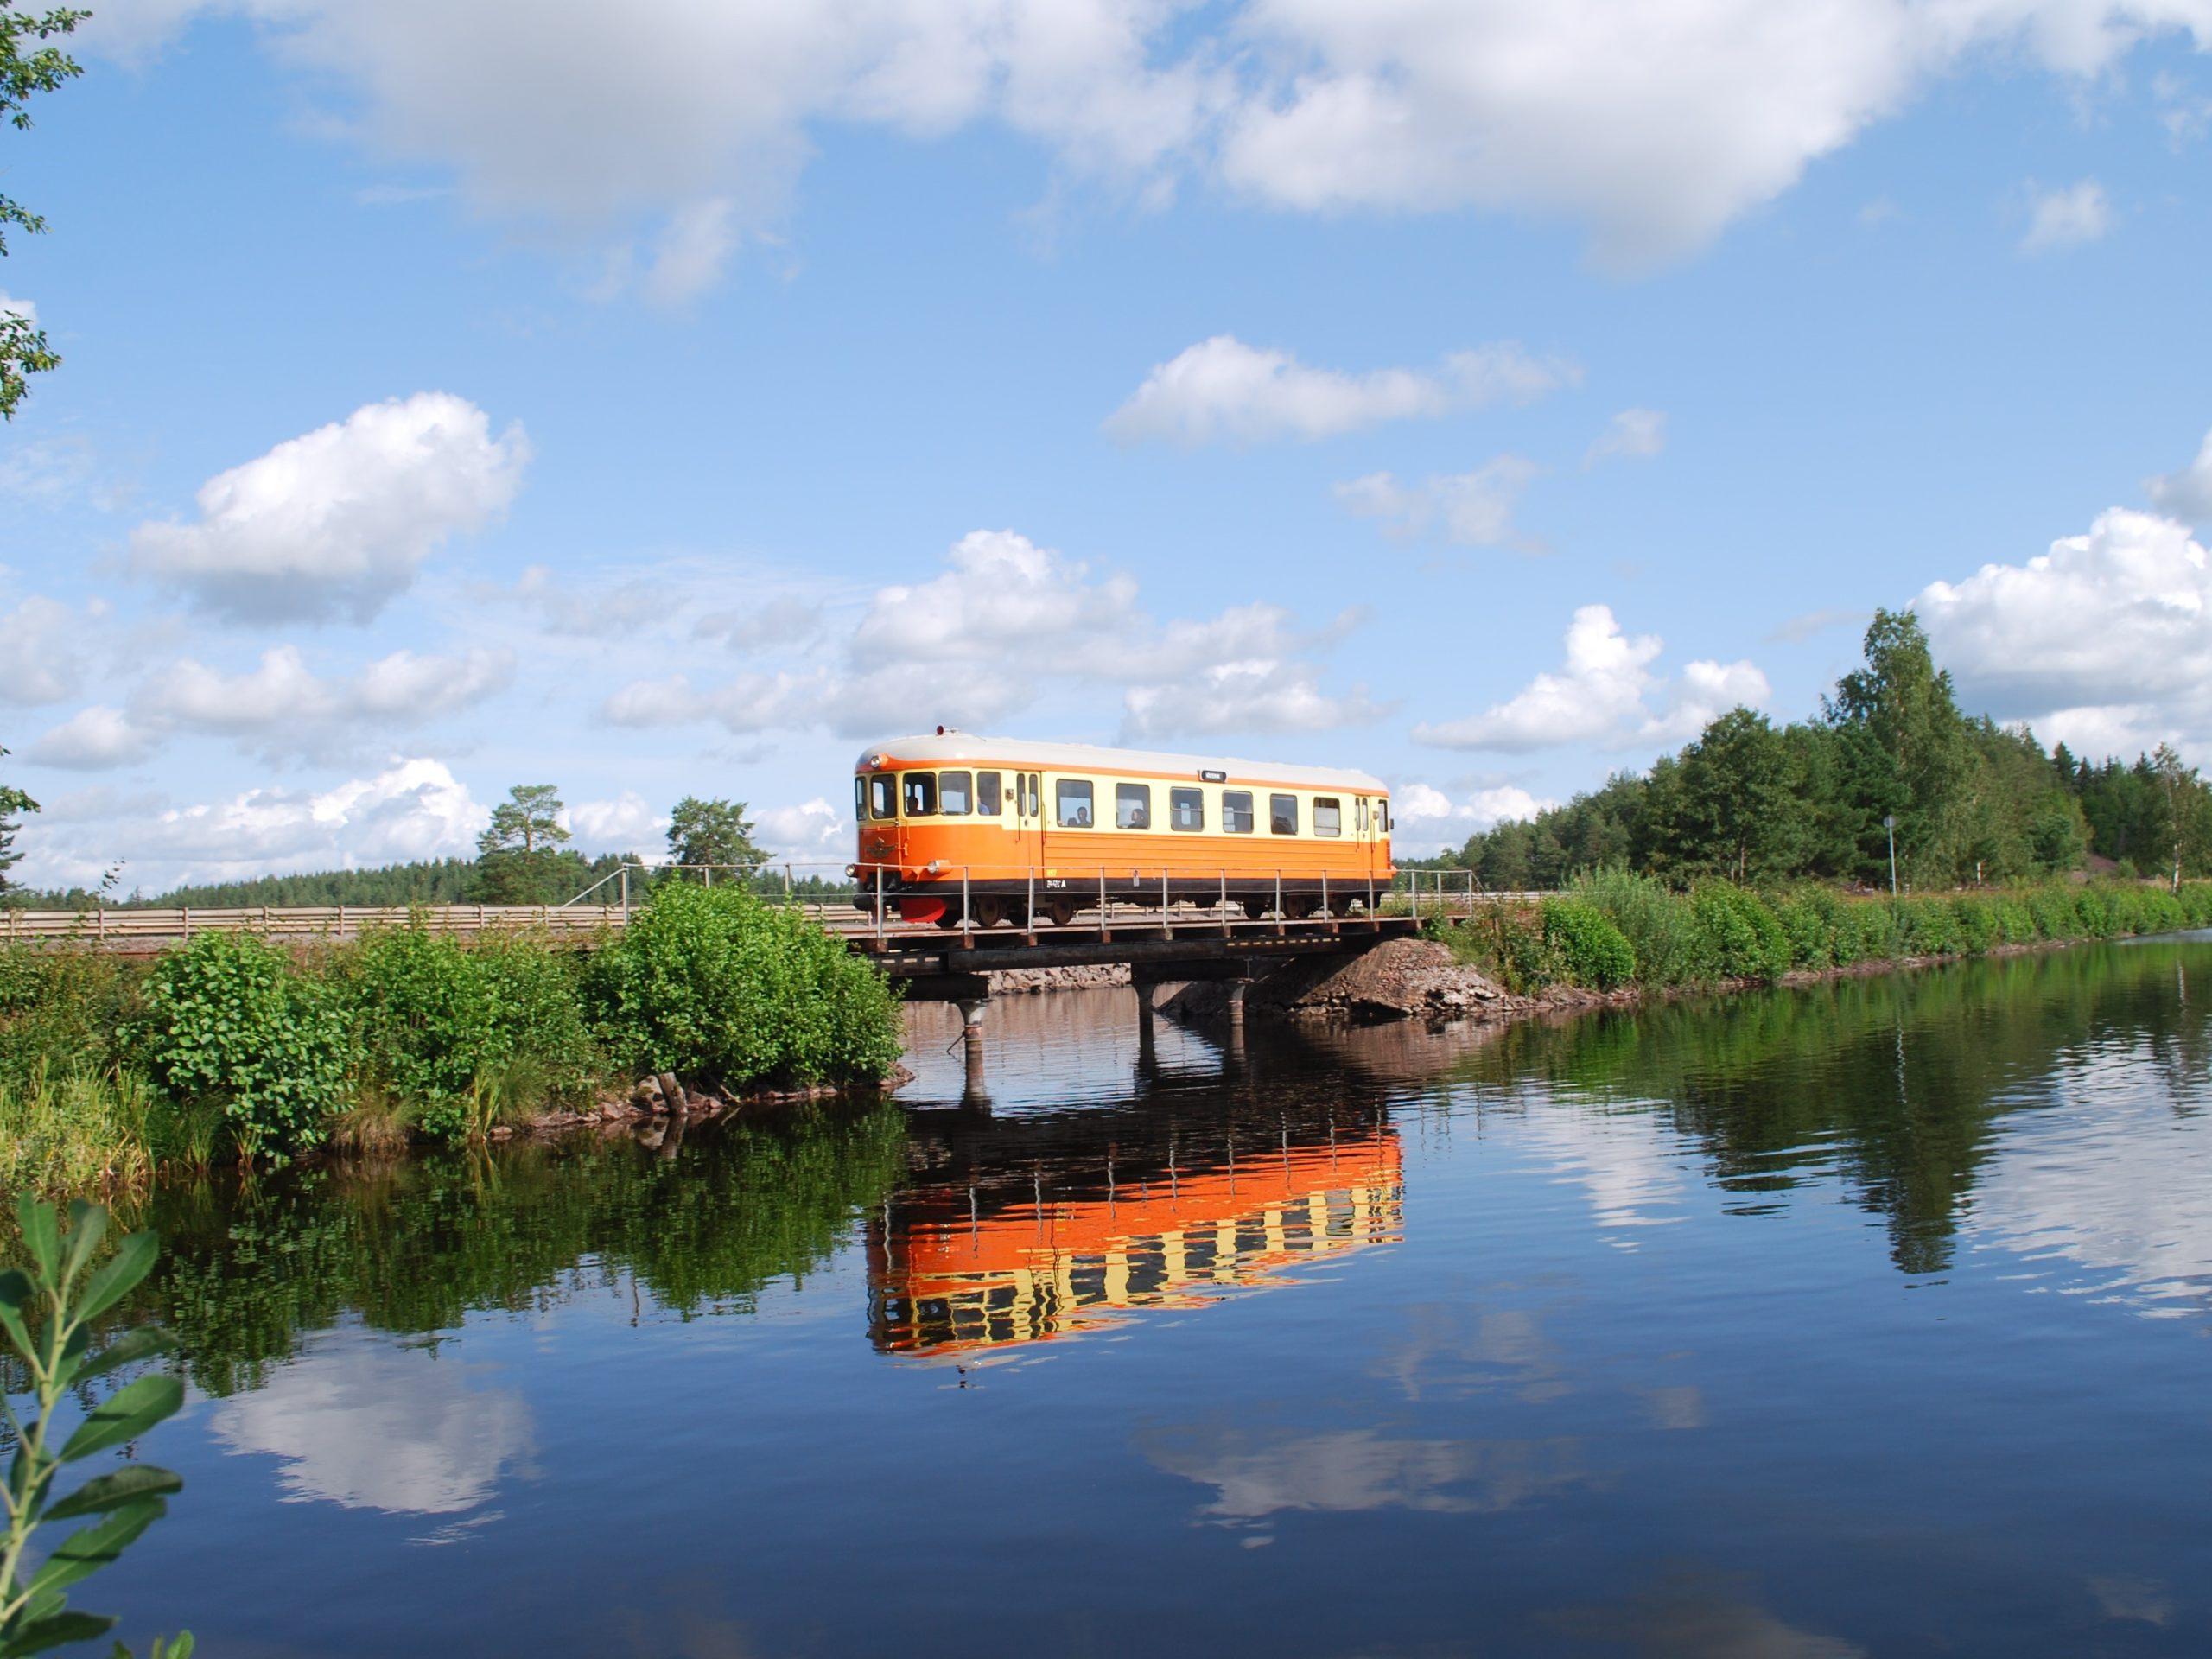 SmalspåretHultsfredVästervik Foto TjustbygdensJärnvägförening 4 1 scaled